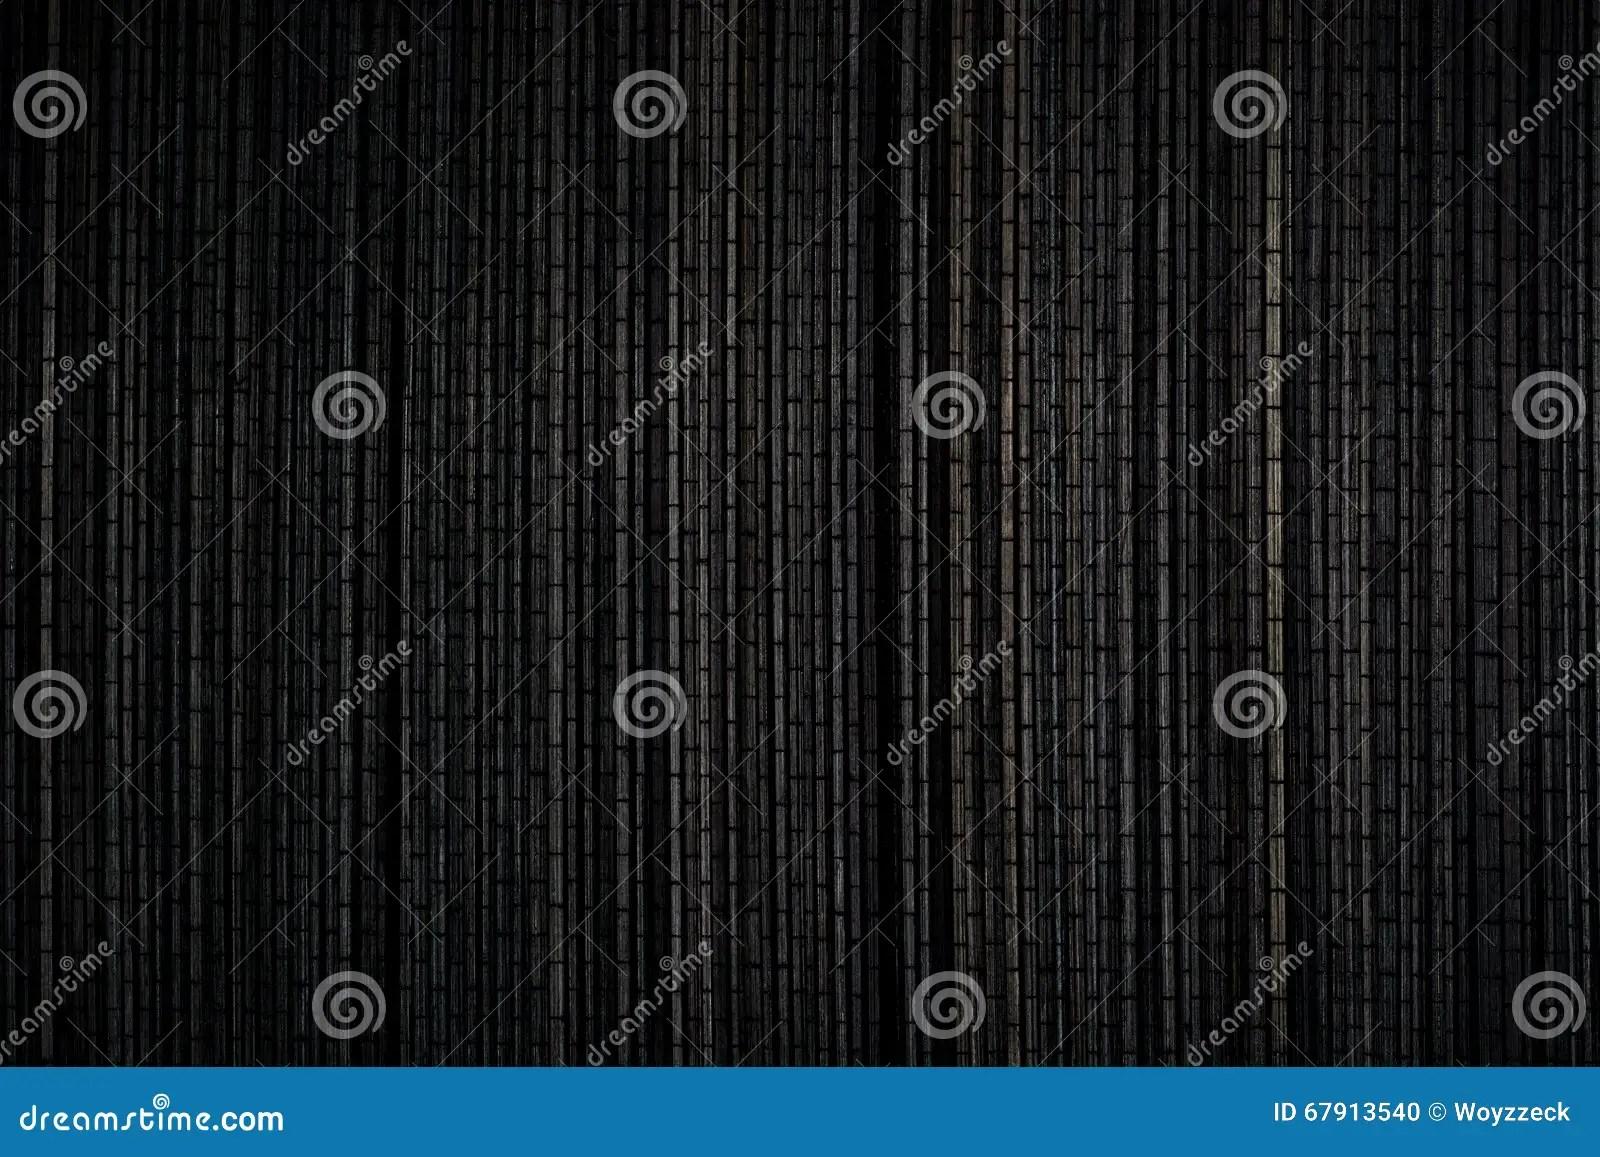 texture de tapis de bambou noir photo stock image du noir conception 67913540